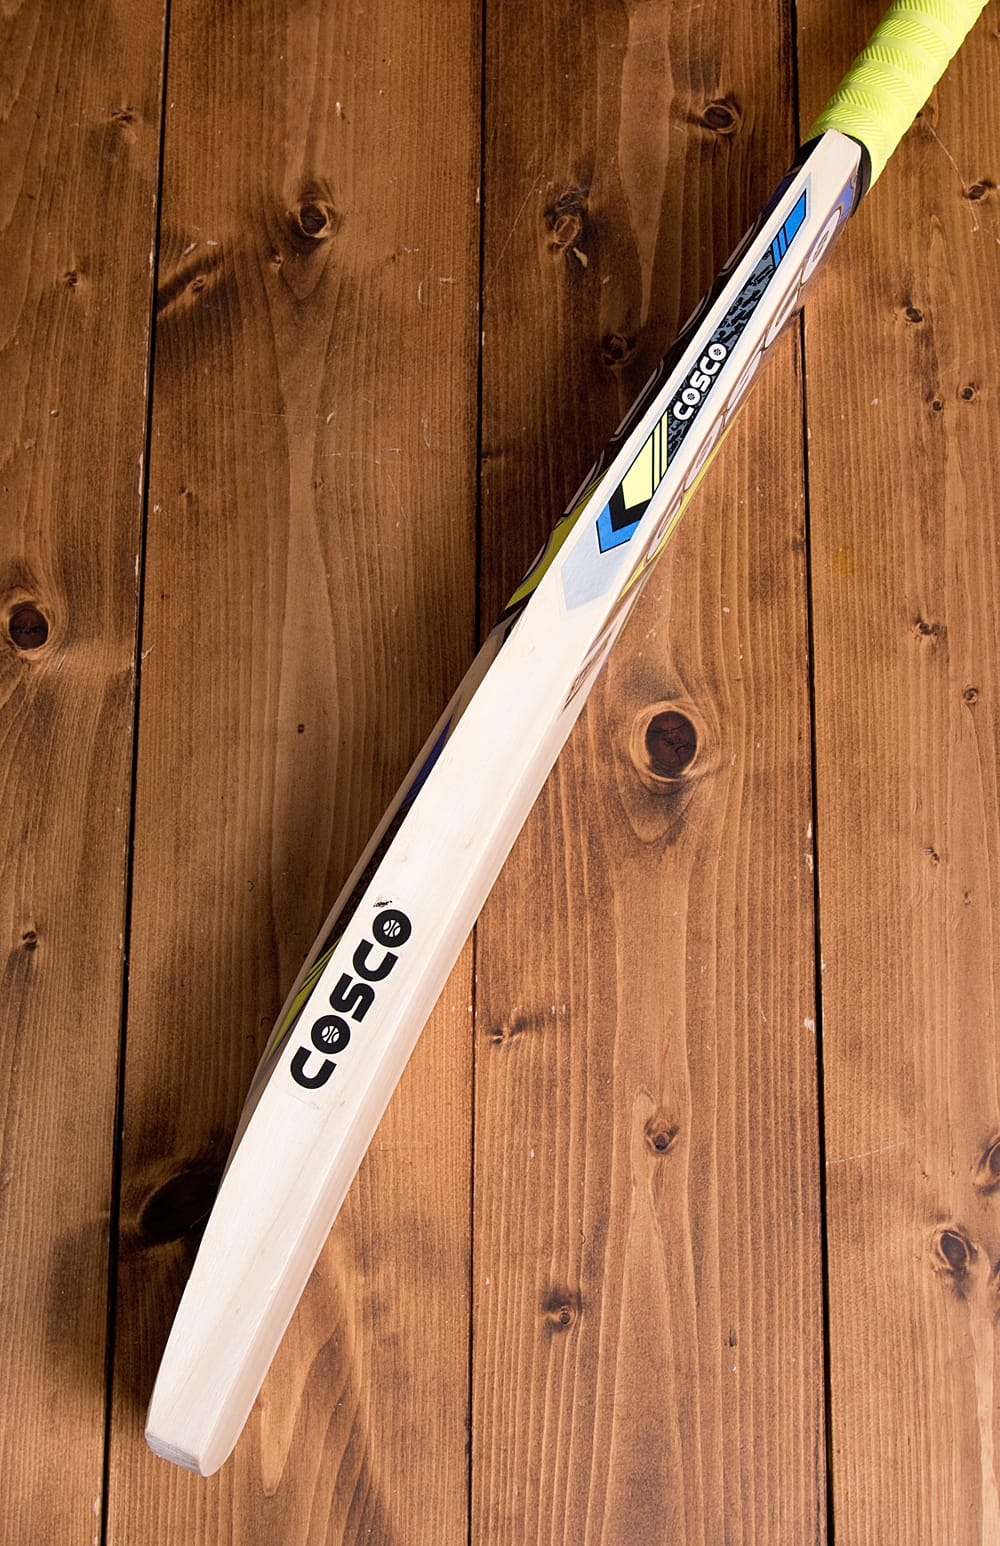 クリケットバット - COSCO STRIKER 4 - 横からの写真です